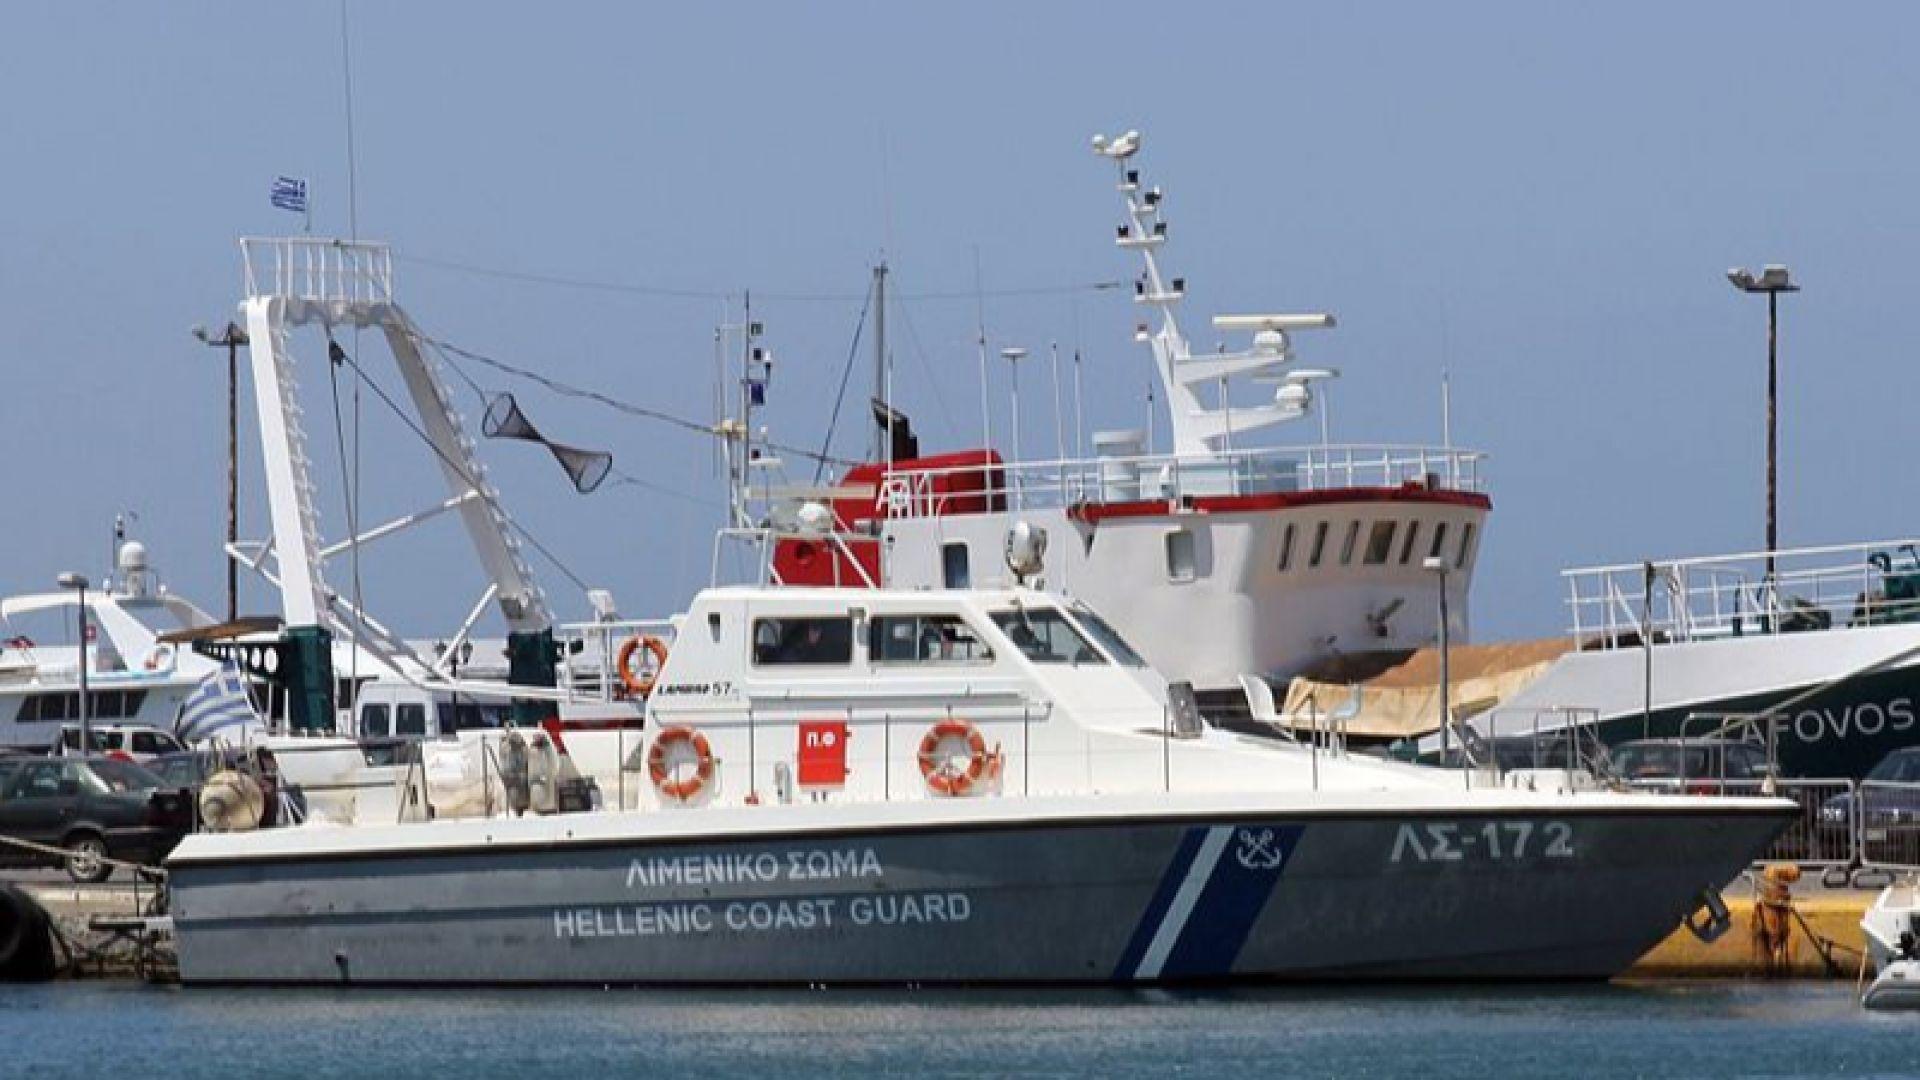 Гръцките власти заловили 6,5 тона канабис на кораб